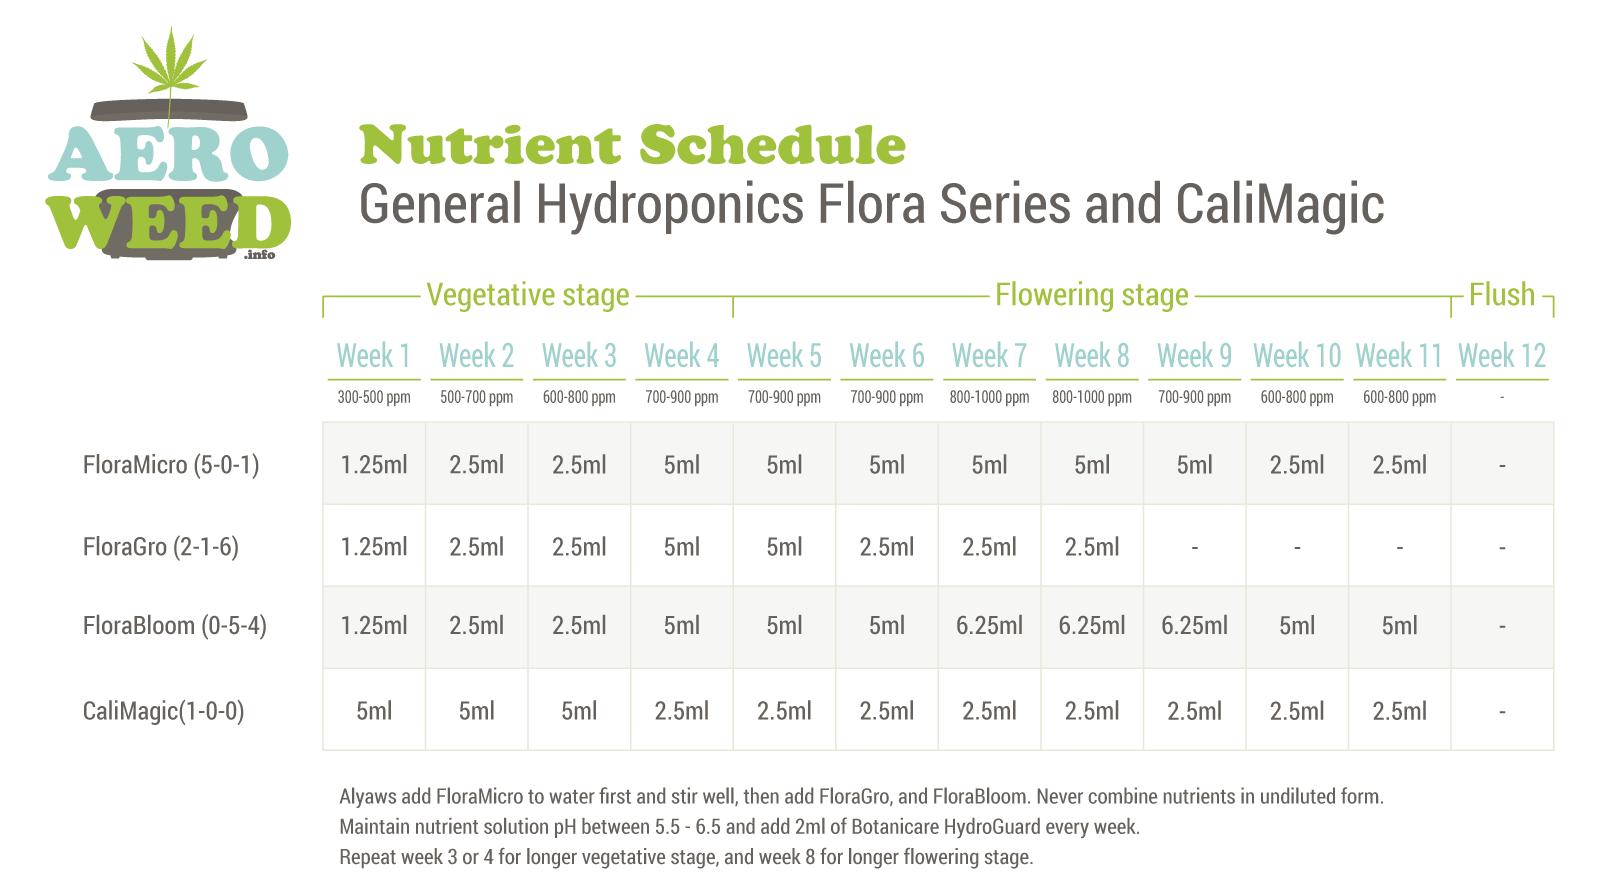 Nutrient Schedule to grow Medical Marijuana in an AeroGarden™